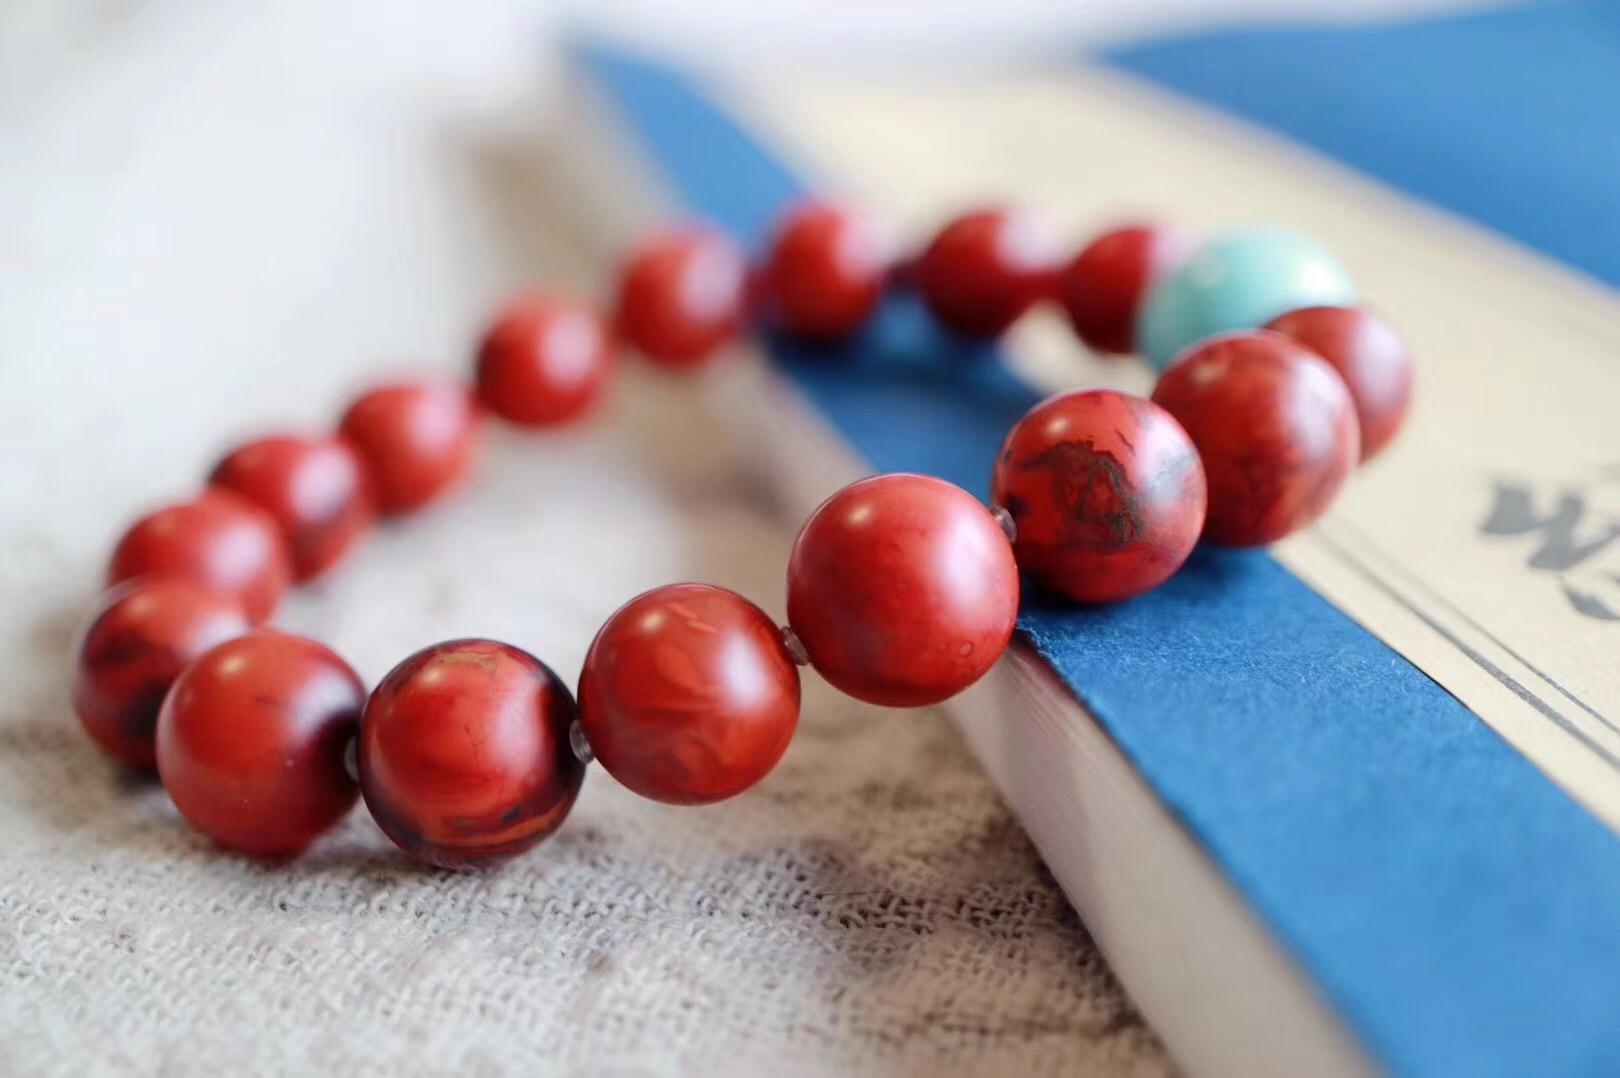 【菩心包浆南红玛瑙 | 原矿绿松石】浆珠随着时间的推移,会越盘越红,越盘越润-菩心晶舍